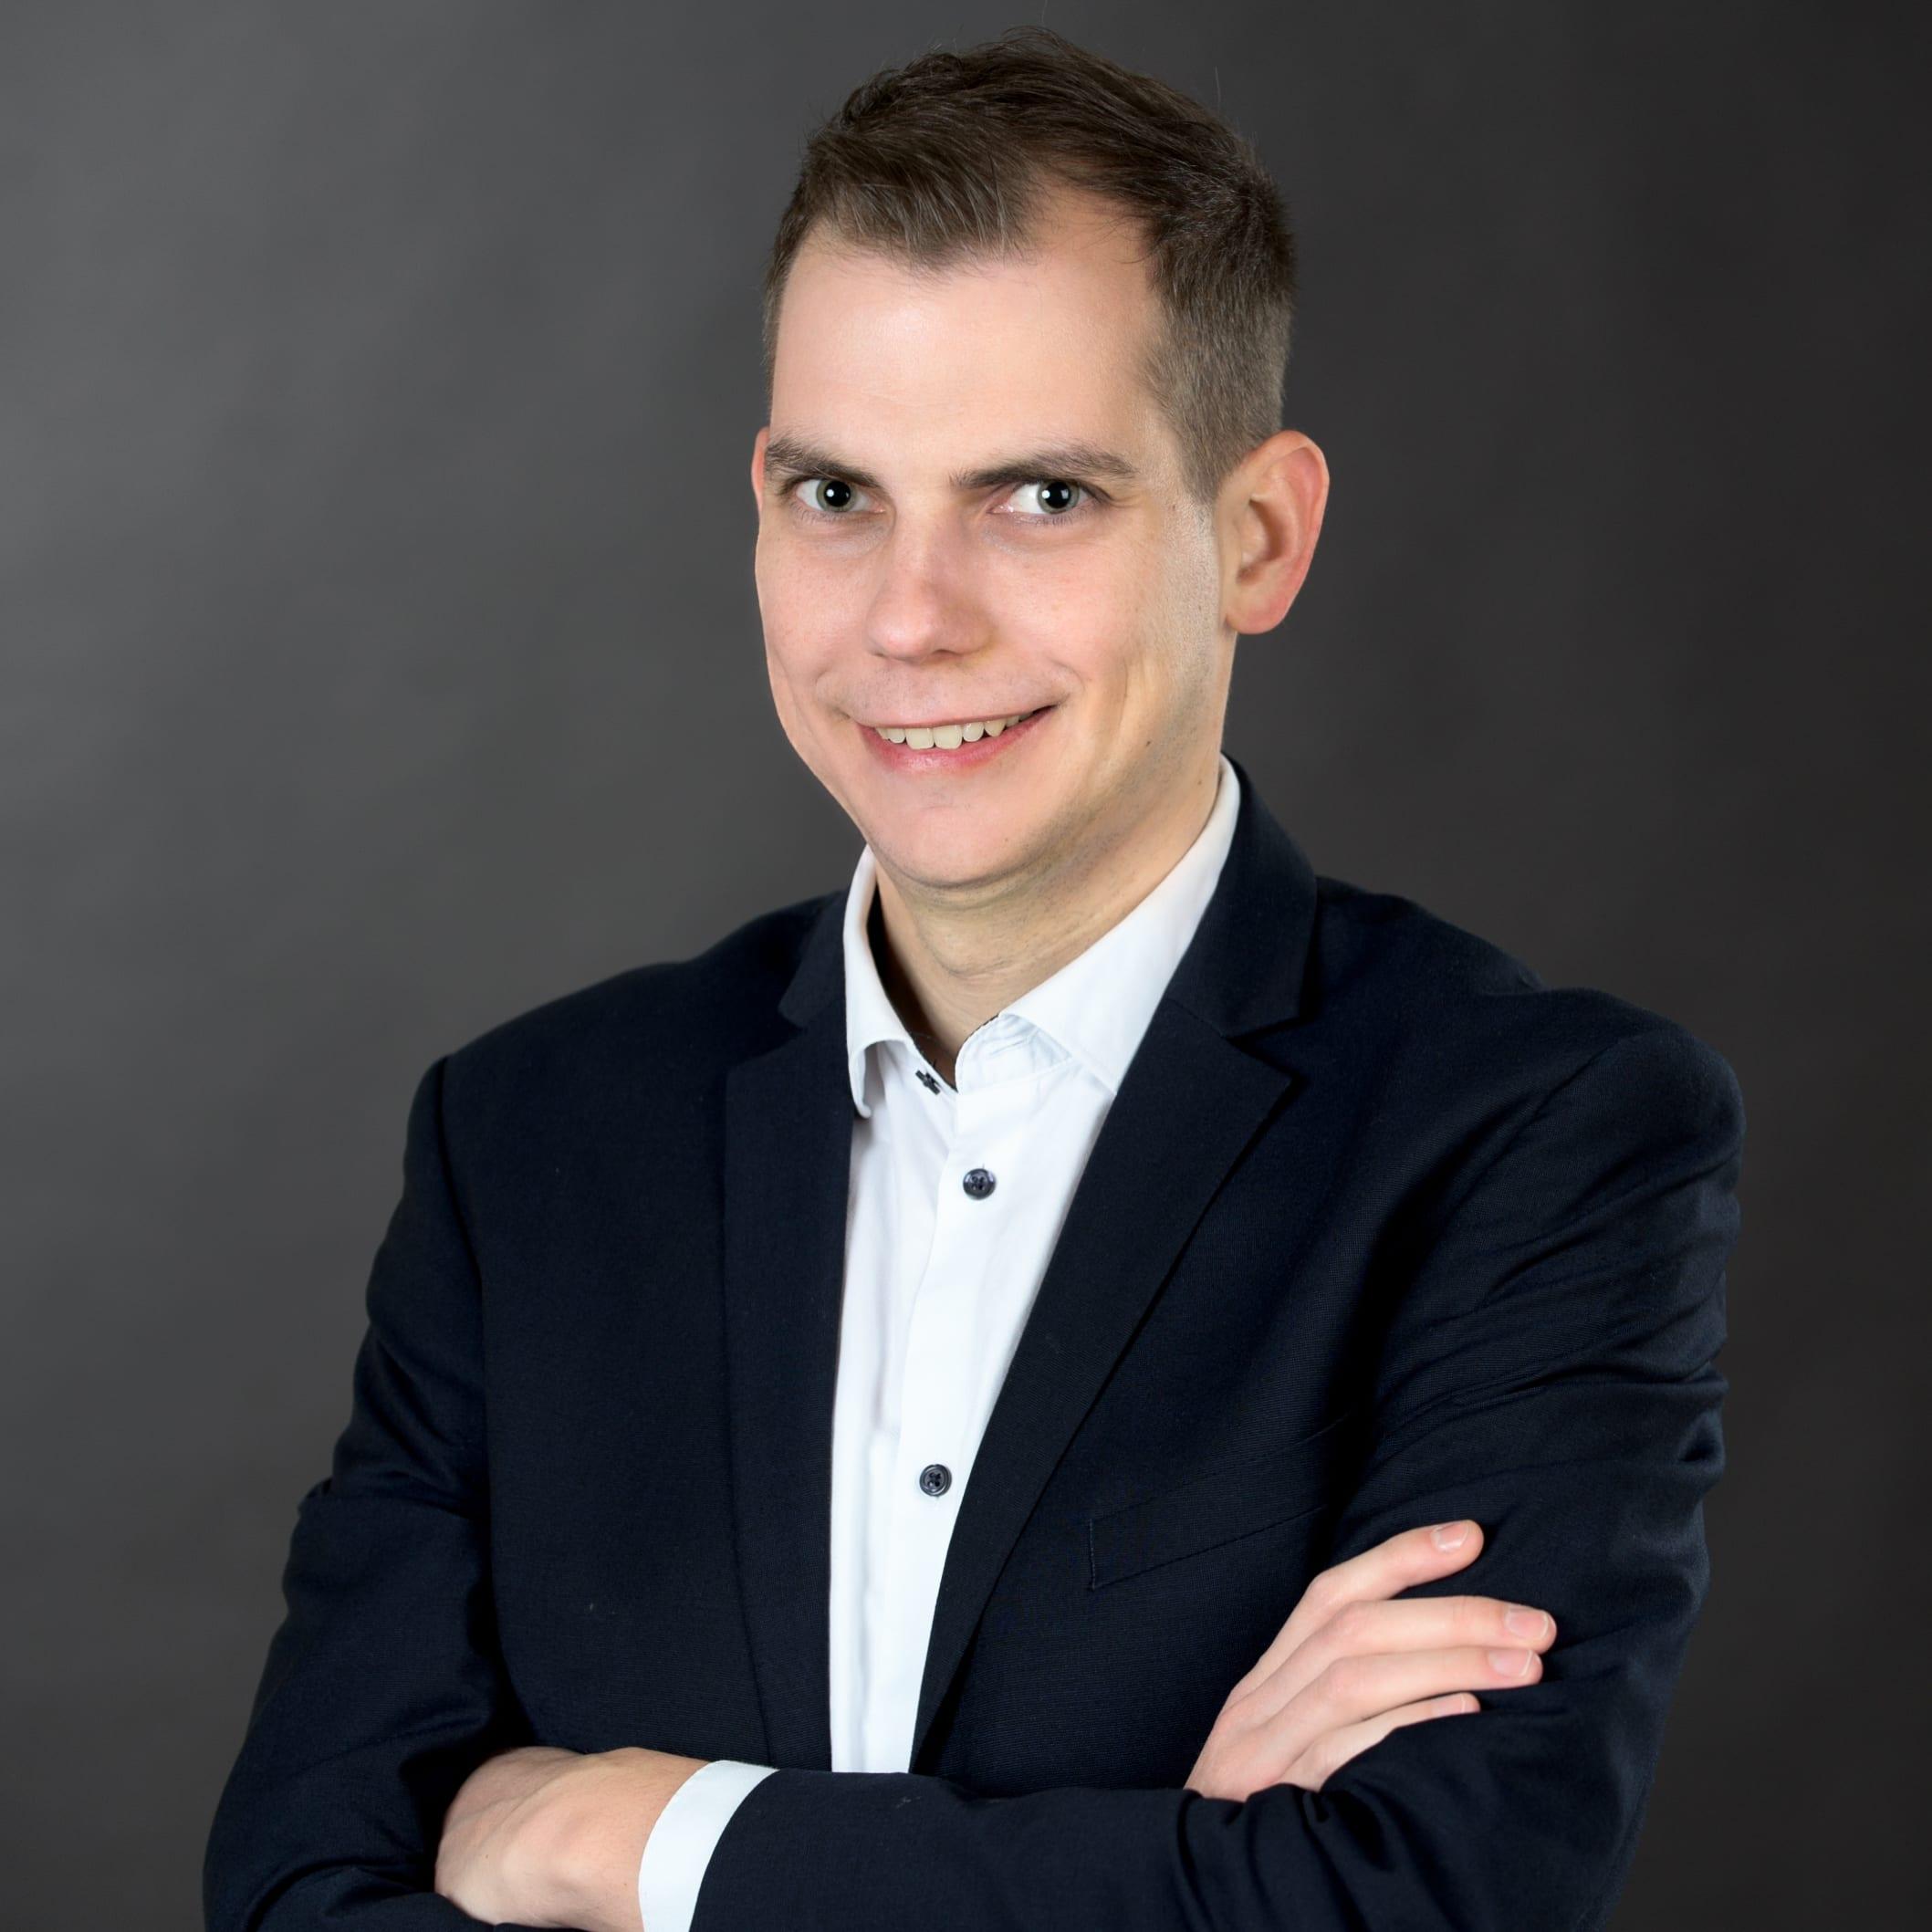 Peter Szamoskozi